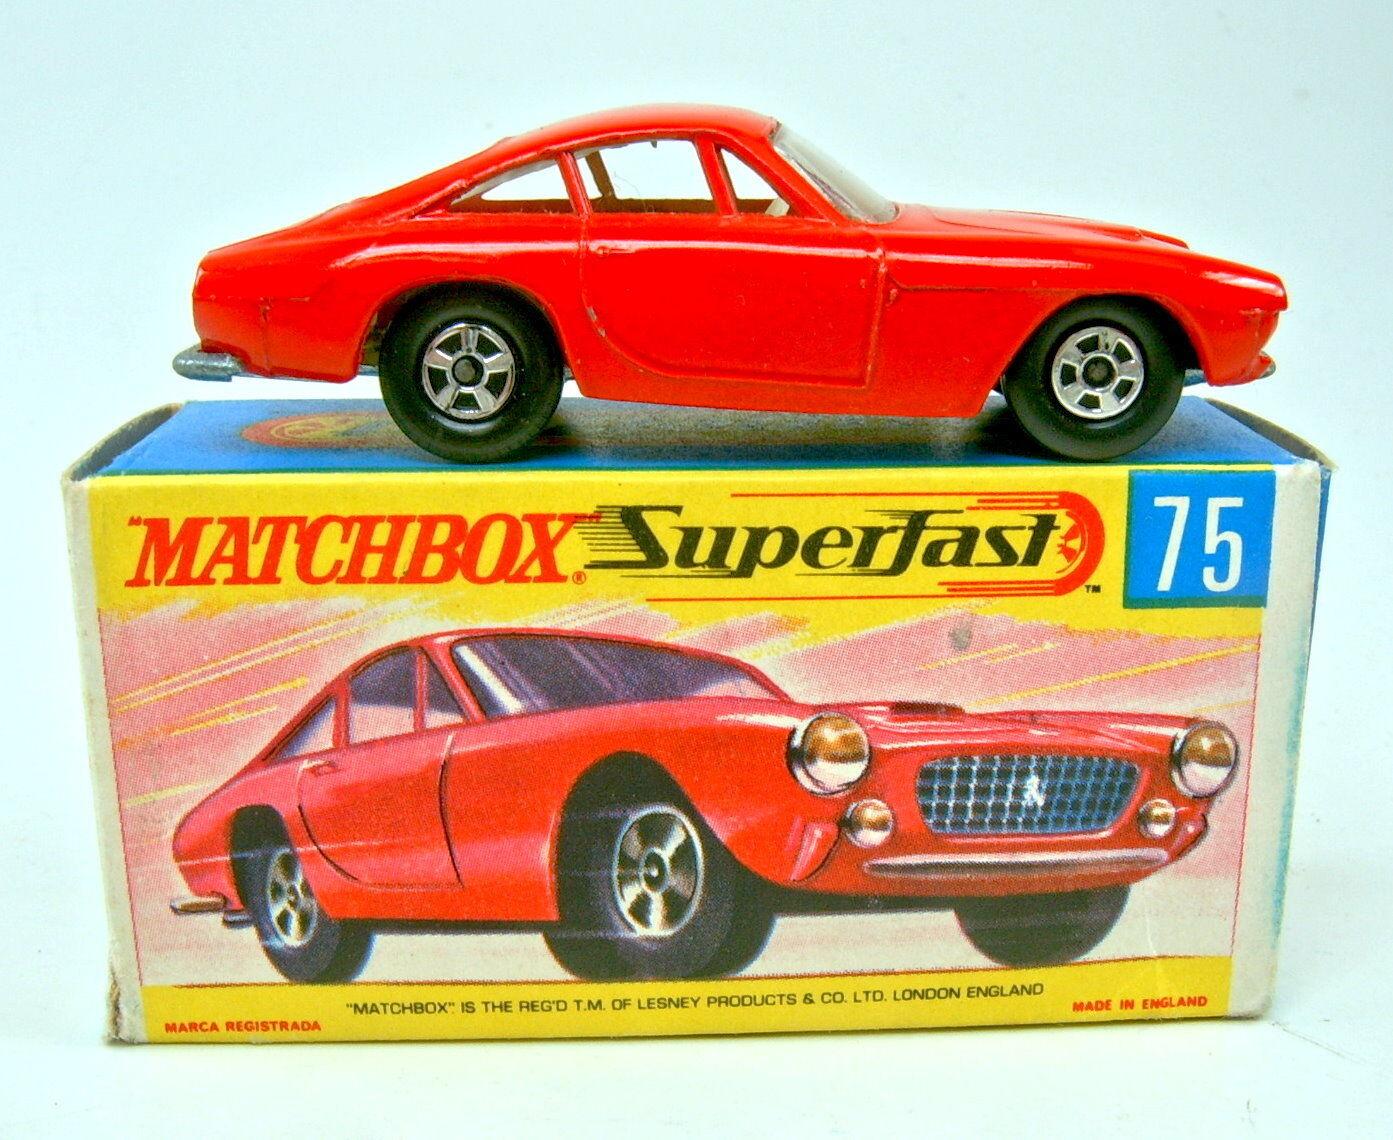 diseño simple y generoso Matchbox súperfast nº 75a ferrari berlinetta rojo rojo rojo finas ruedas perfectamente en Box  precios bajos